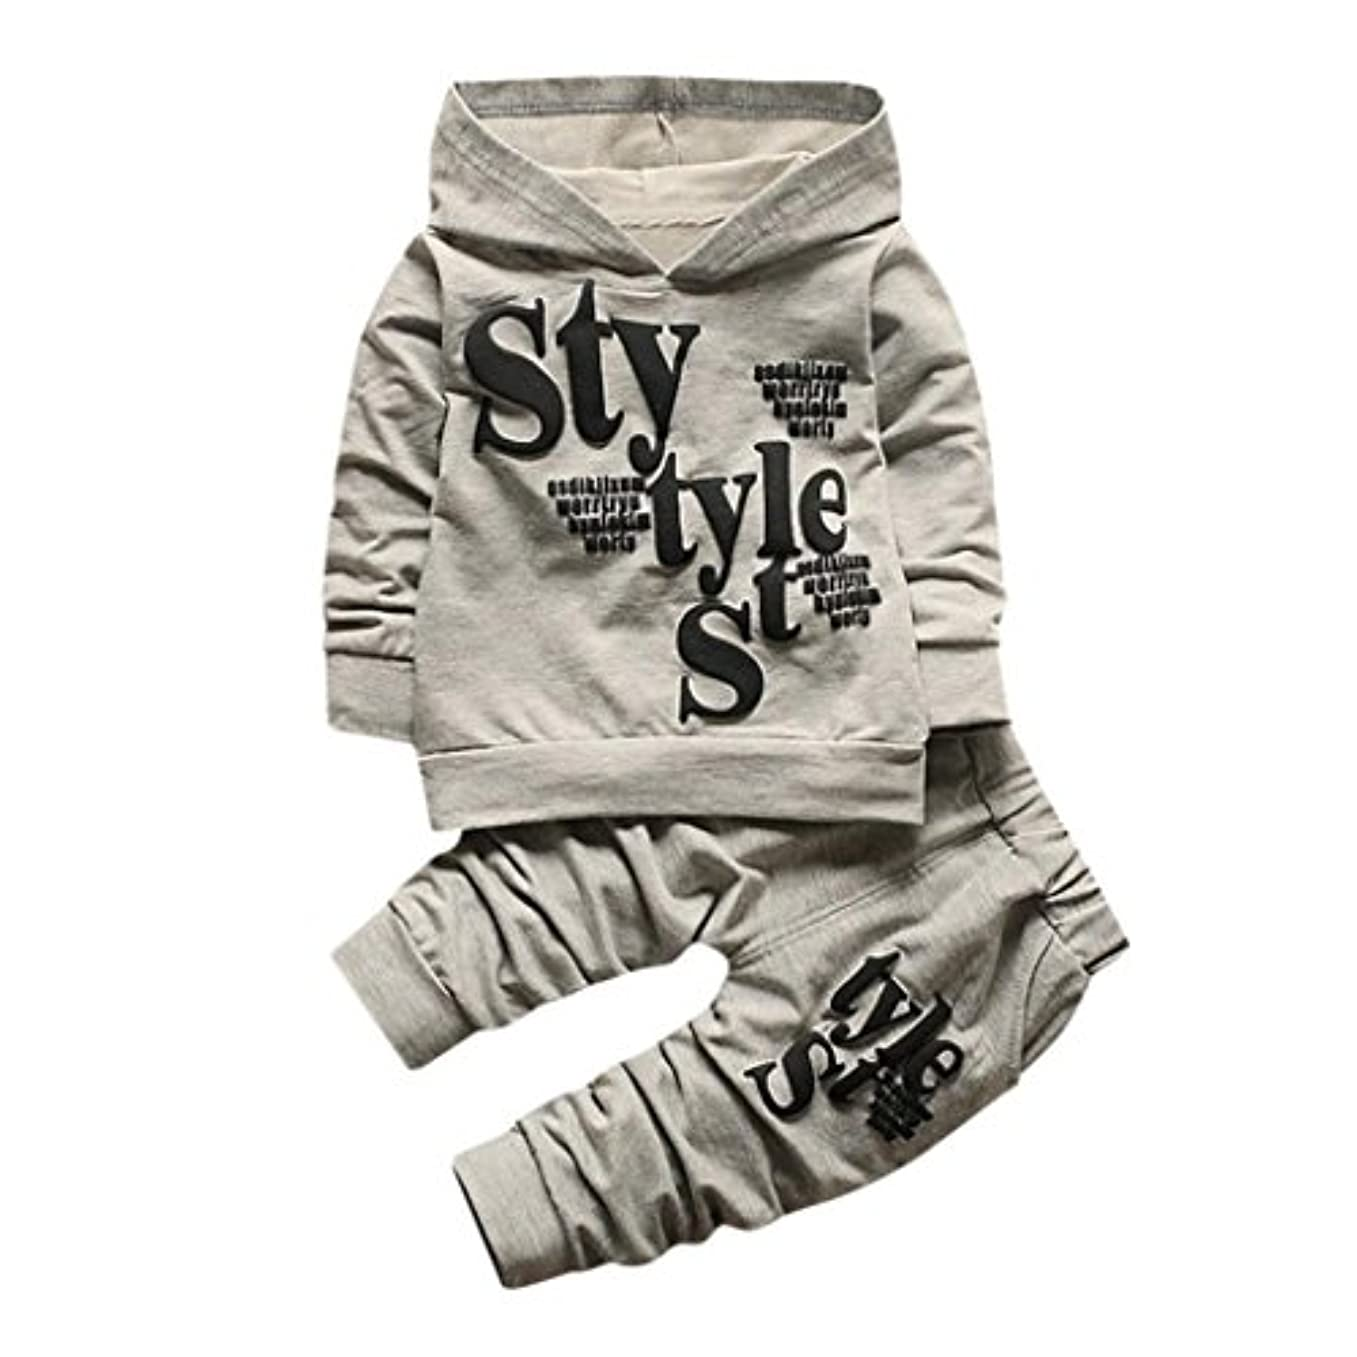 吸収剤カブ命令パーカー+ズボン Tシャツ スウェット 子供服 赤ちゃん服 上着+パンツ2点セット かっこいい ベビー服 ロンパース カバーオール 男の子 女の子 ファッション